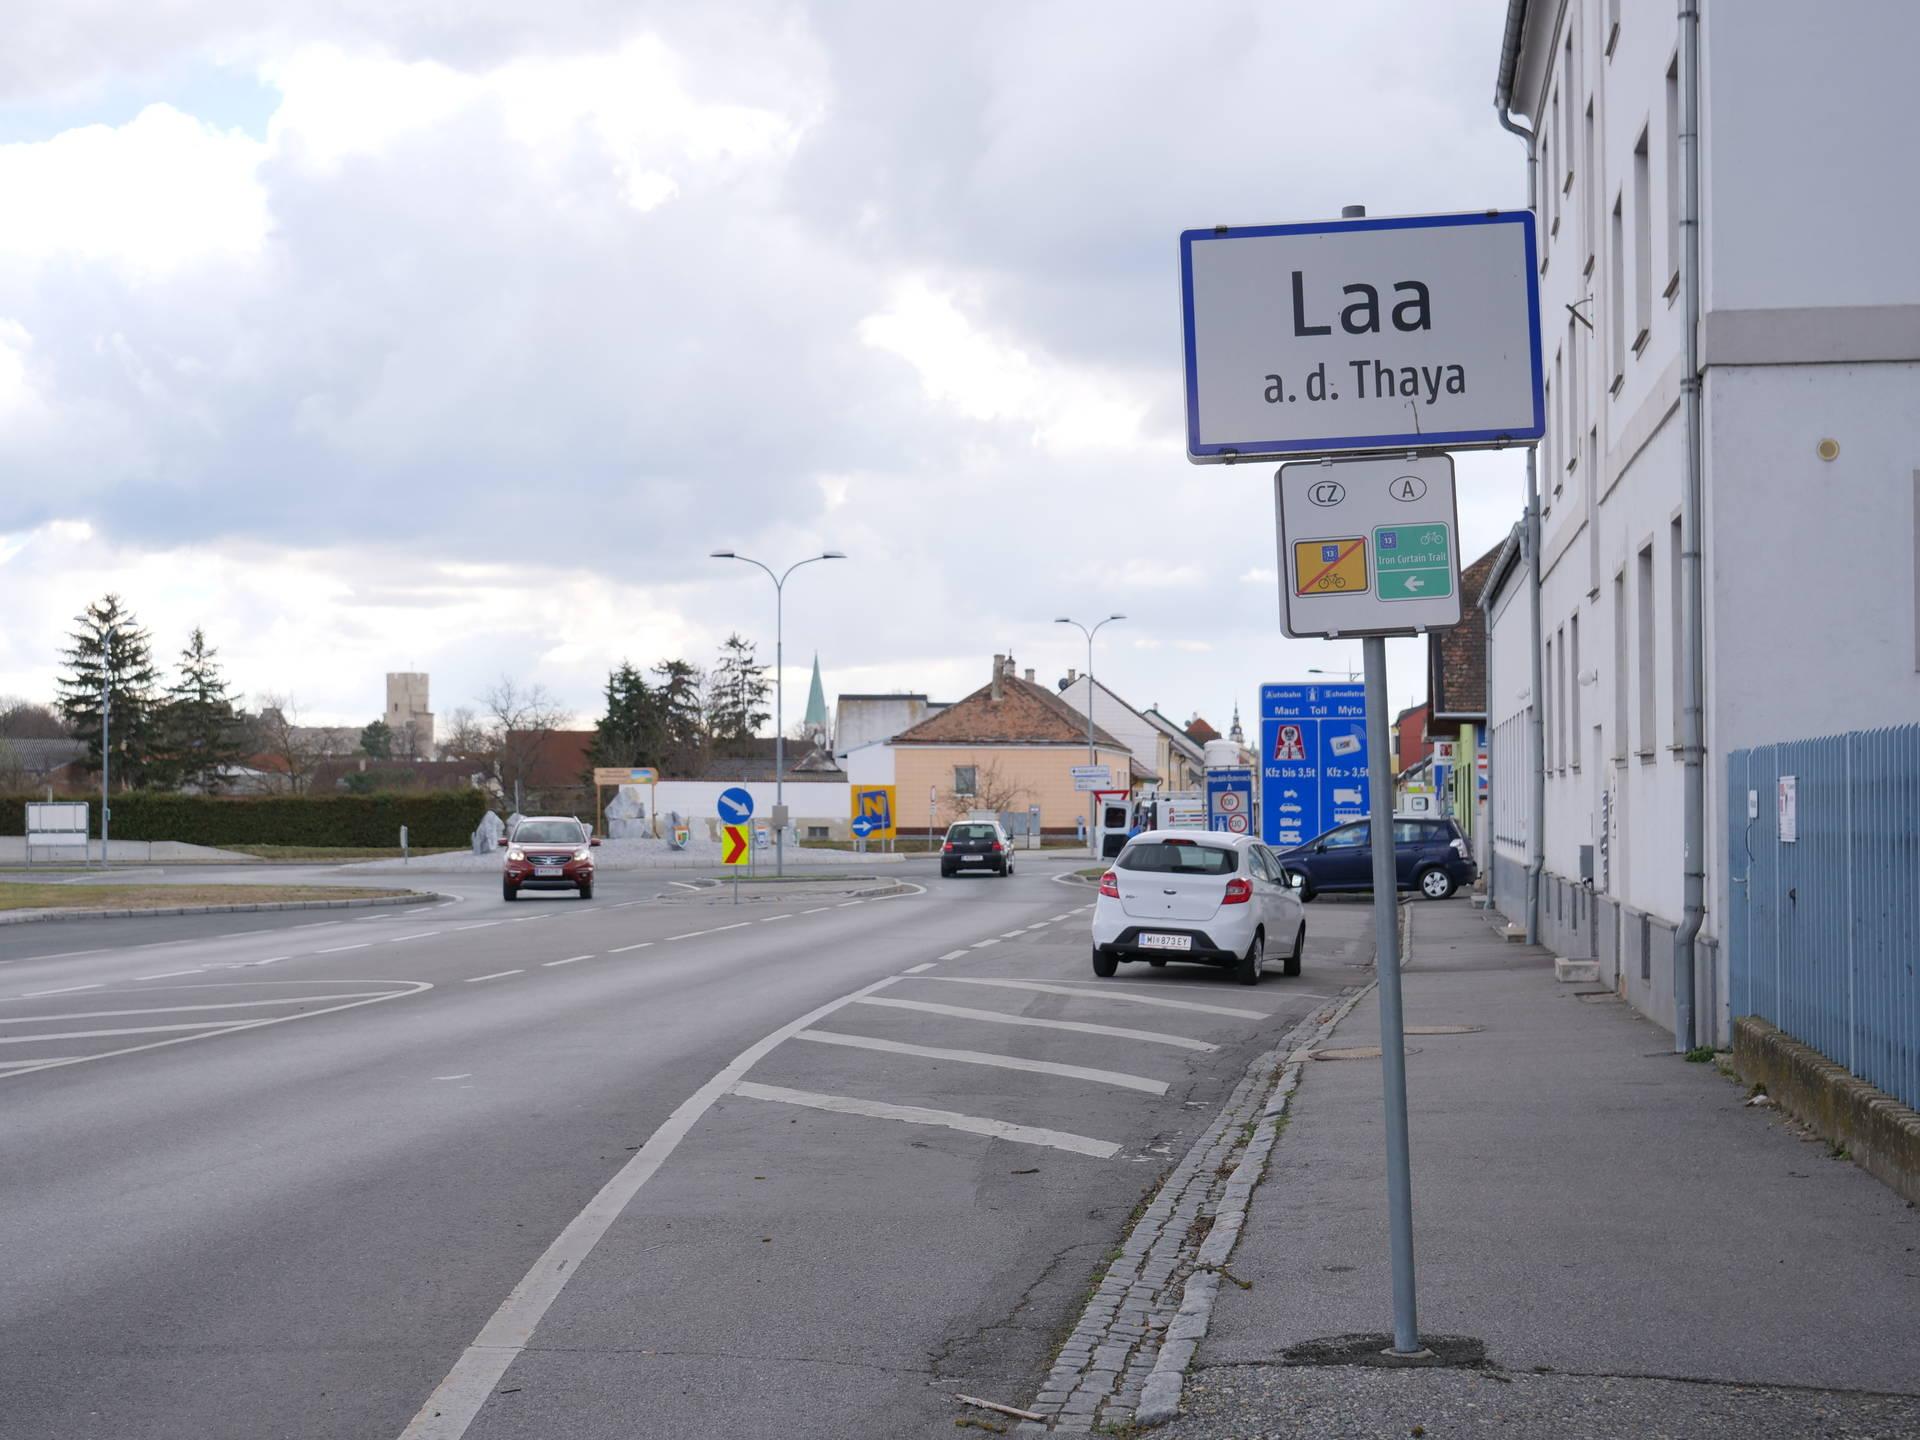 Kontaktanzeigen in Laa an der Thaya bei Mistelbach und